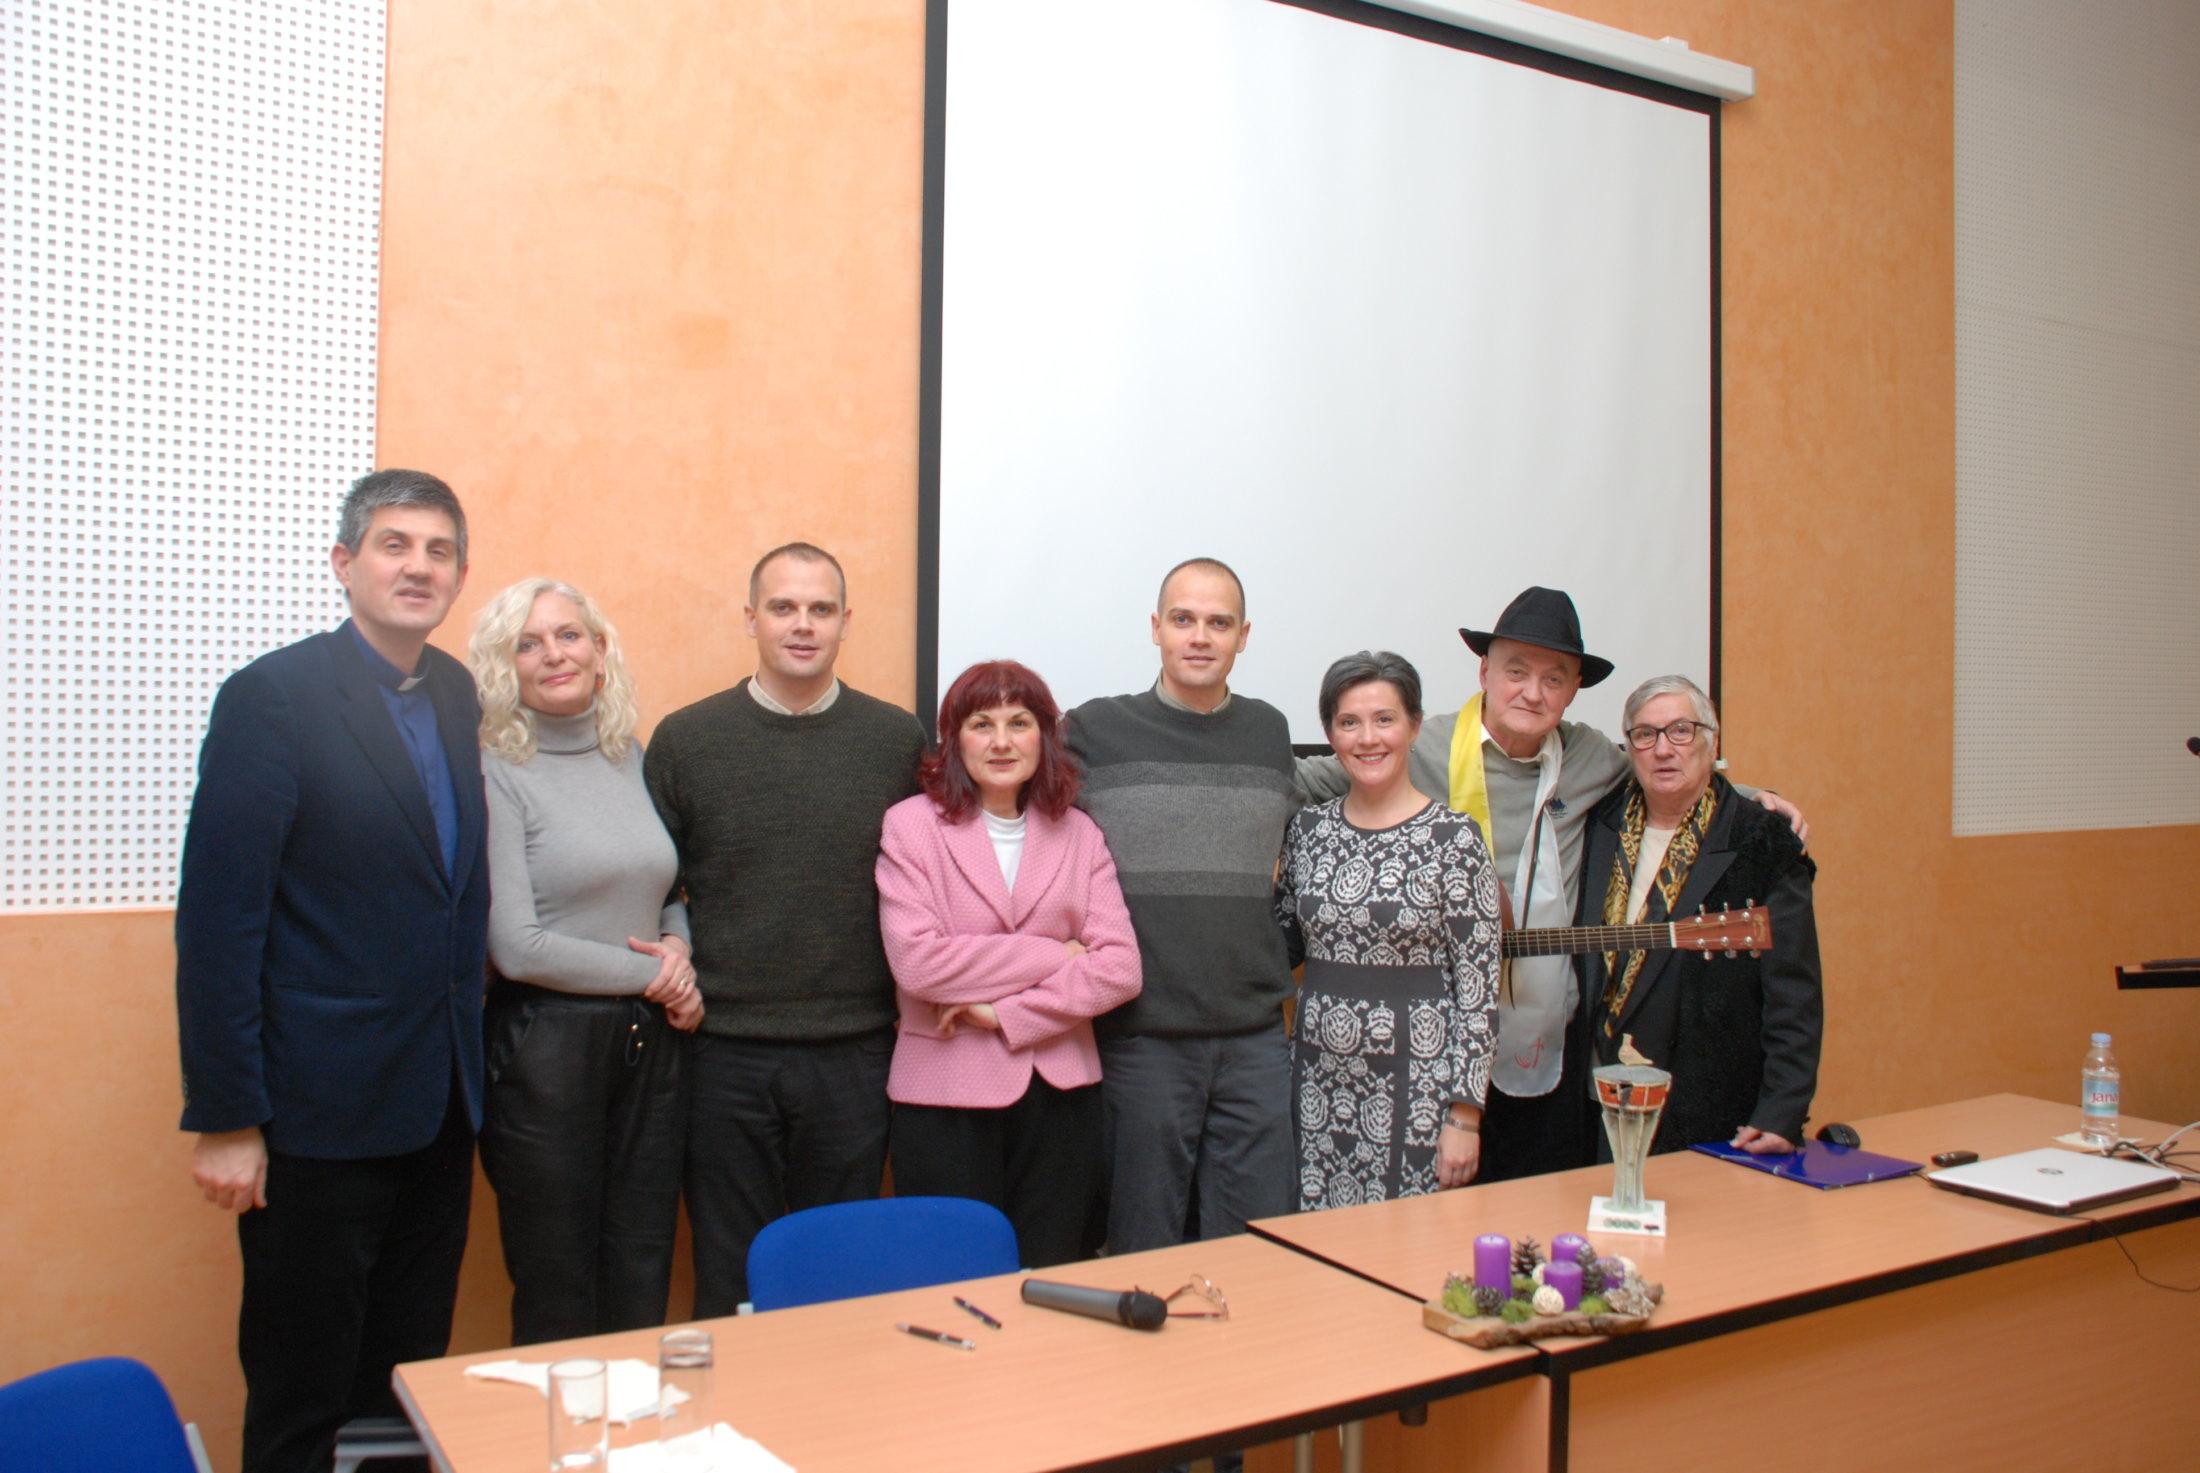 Izvoditelji 2.UKI-jevog Adv.susreta U Vikarijatu Osijek,10.12.19.